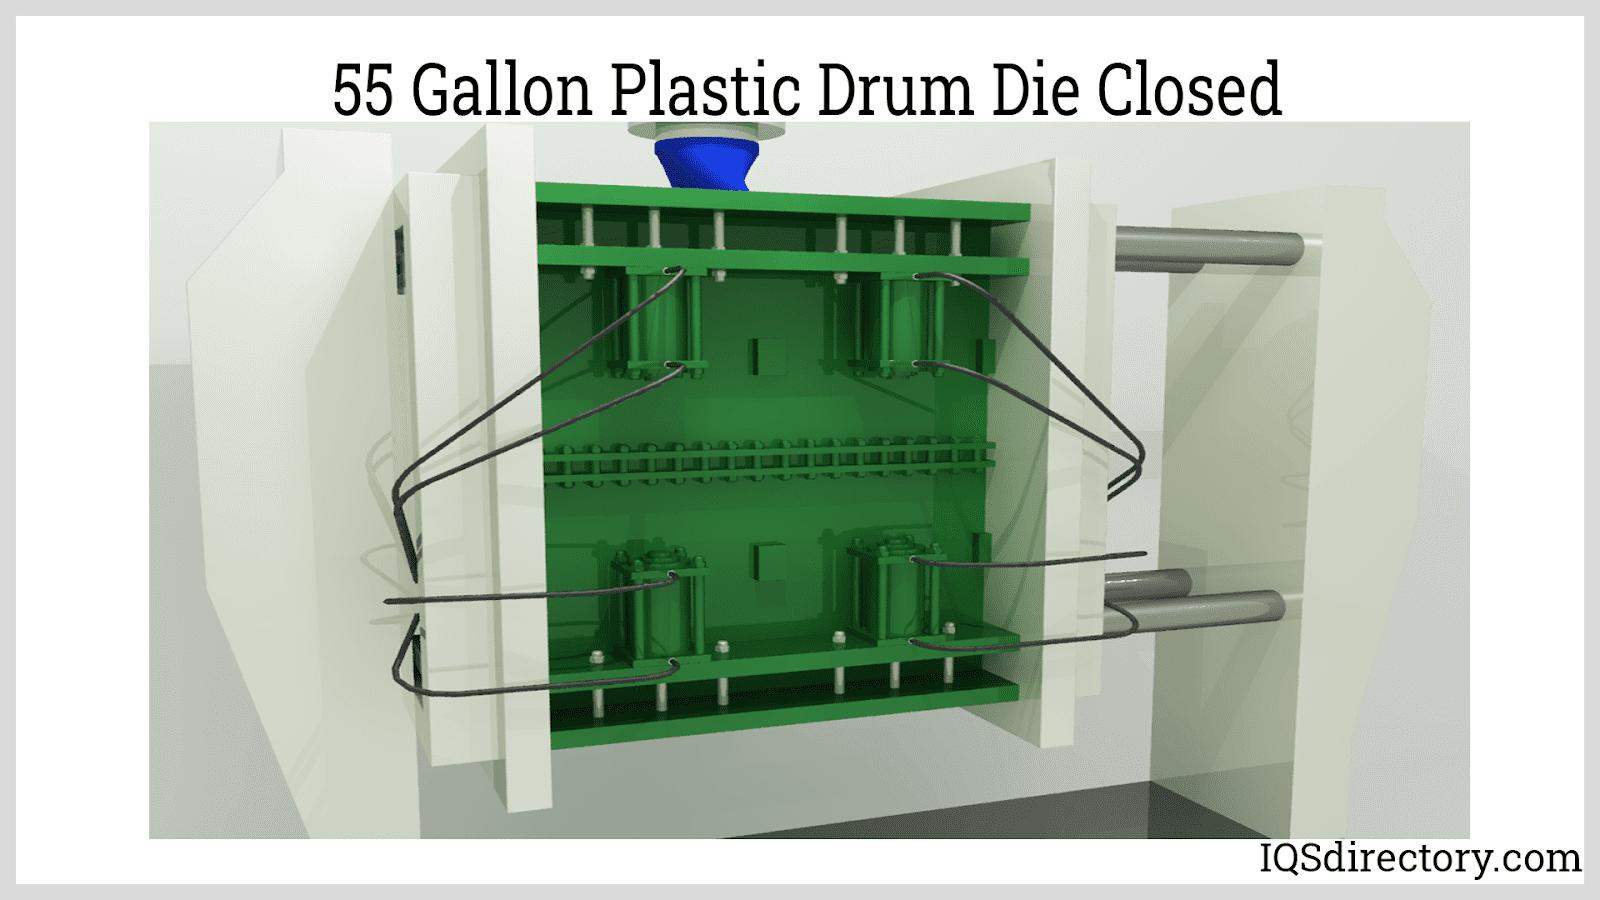 55 Gallon Plastic Drum into Drum Die Closed